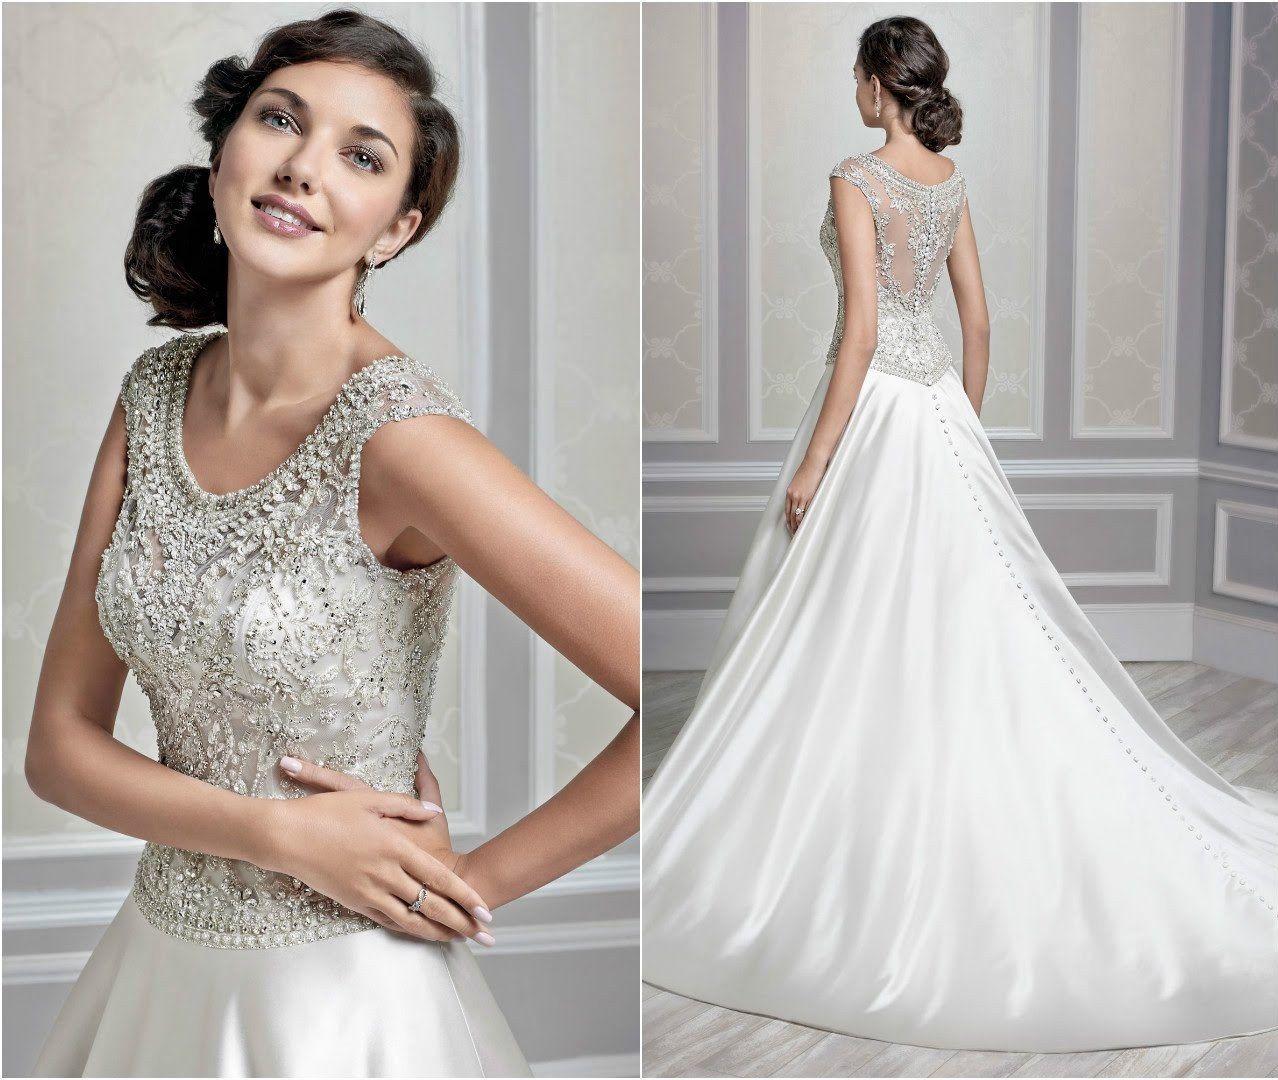 Silver Wedding Gowns: Silver Wedding Dress